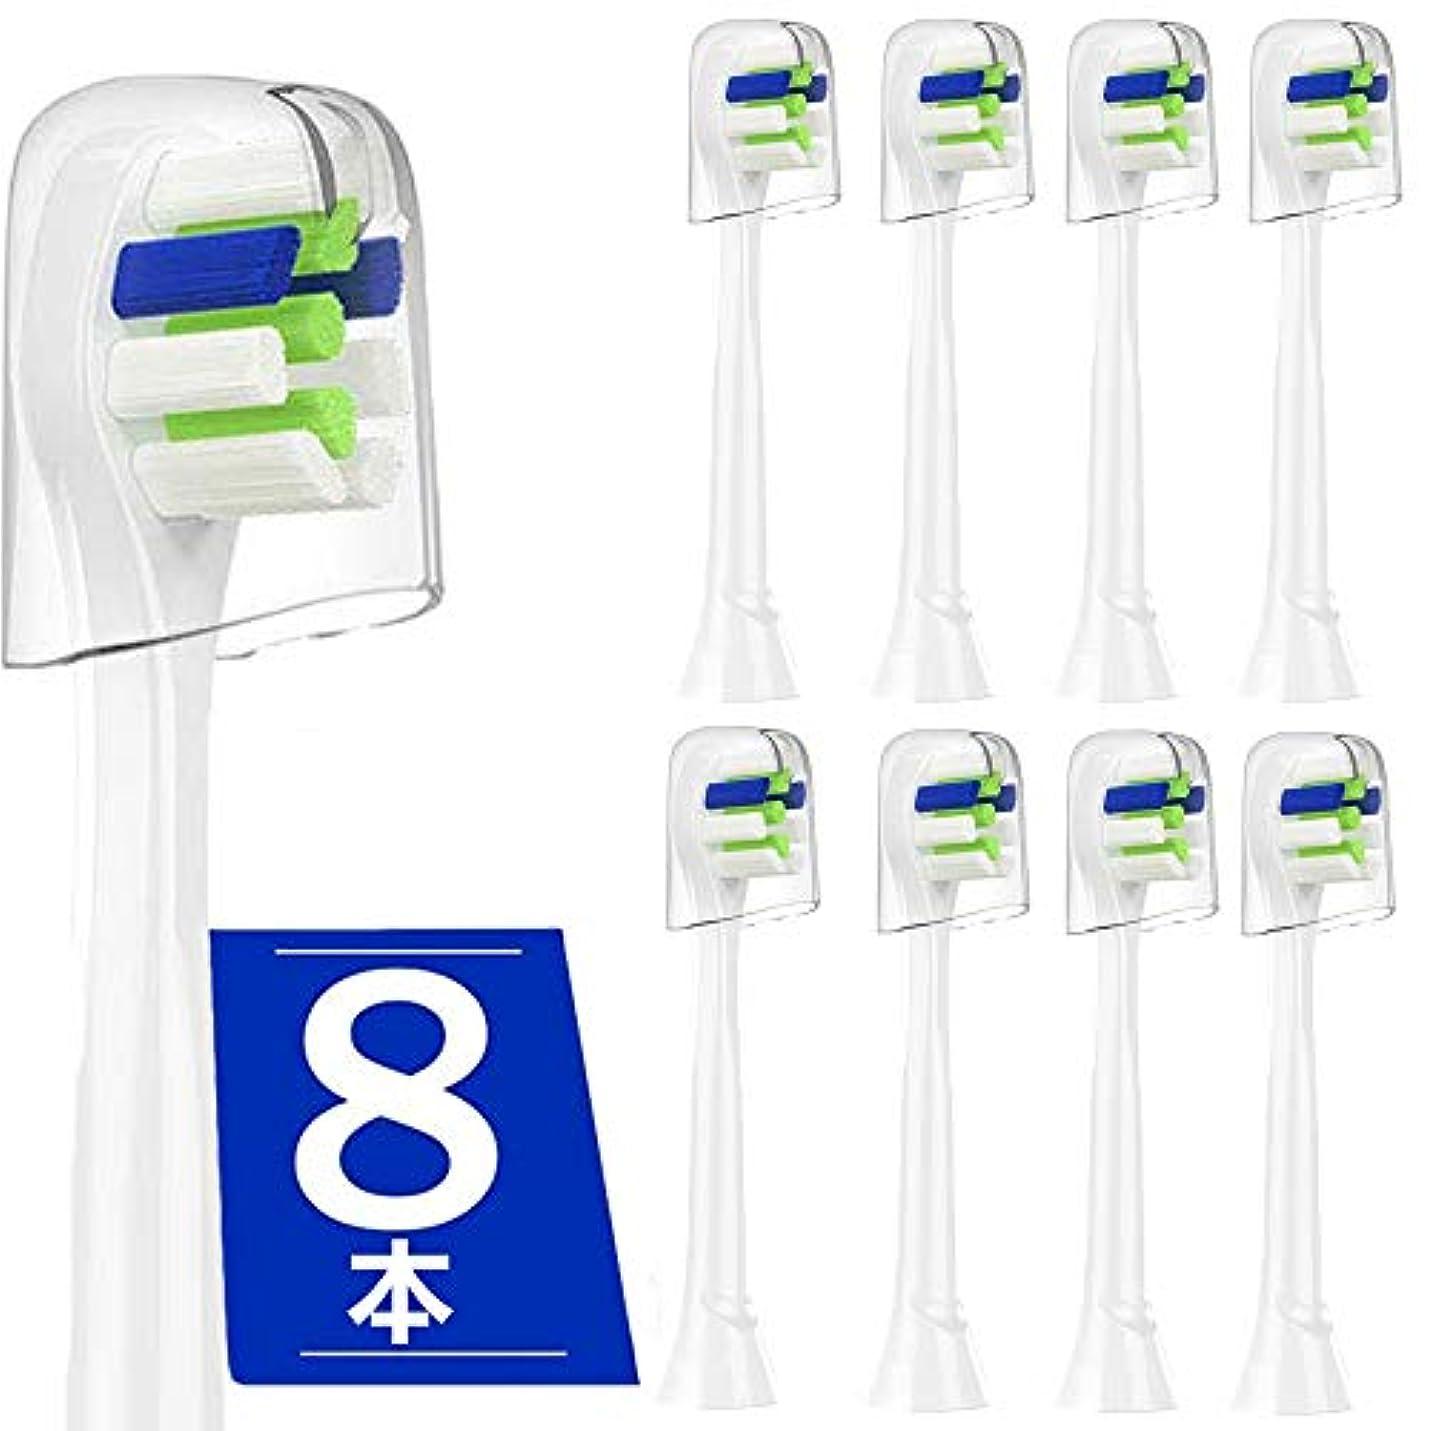 ヒットケーブル配置PEARLITE フィリップス ソニッケアー 対応 電動歯ブラシ 替えブラシ互换ブラシ ダイヤモンドクリーン ミニ ブラシヘッド 4本×2セット=8本